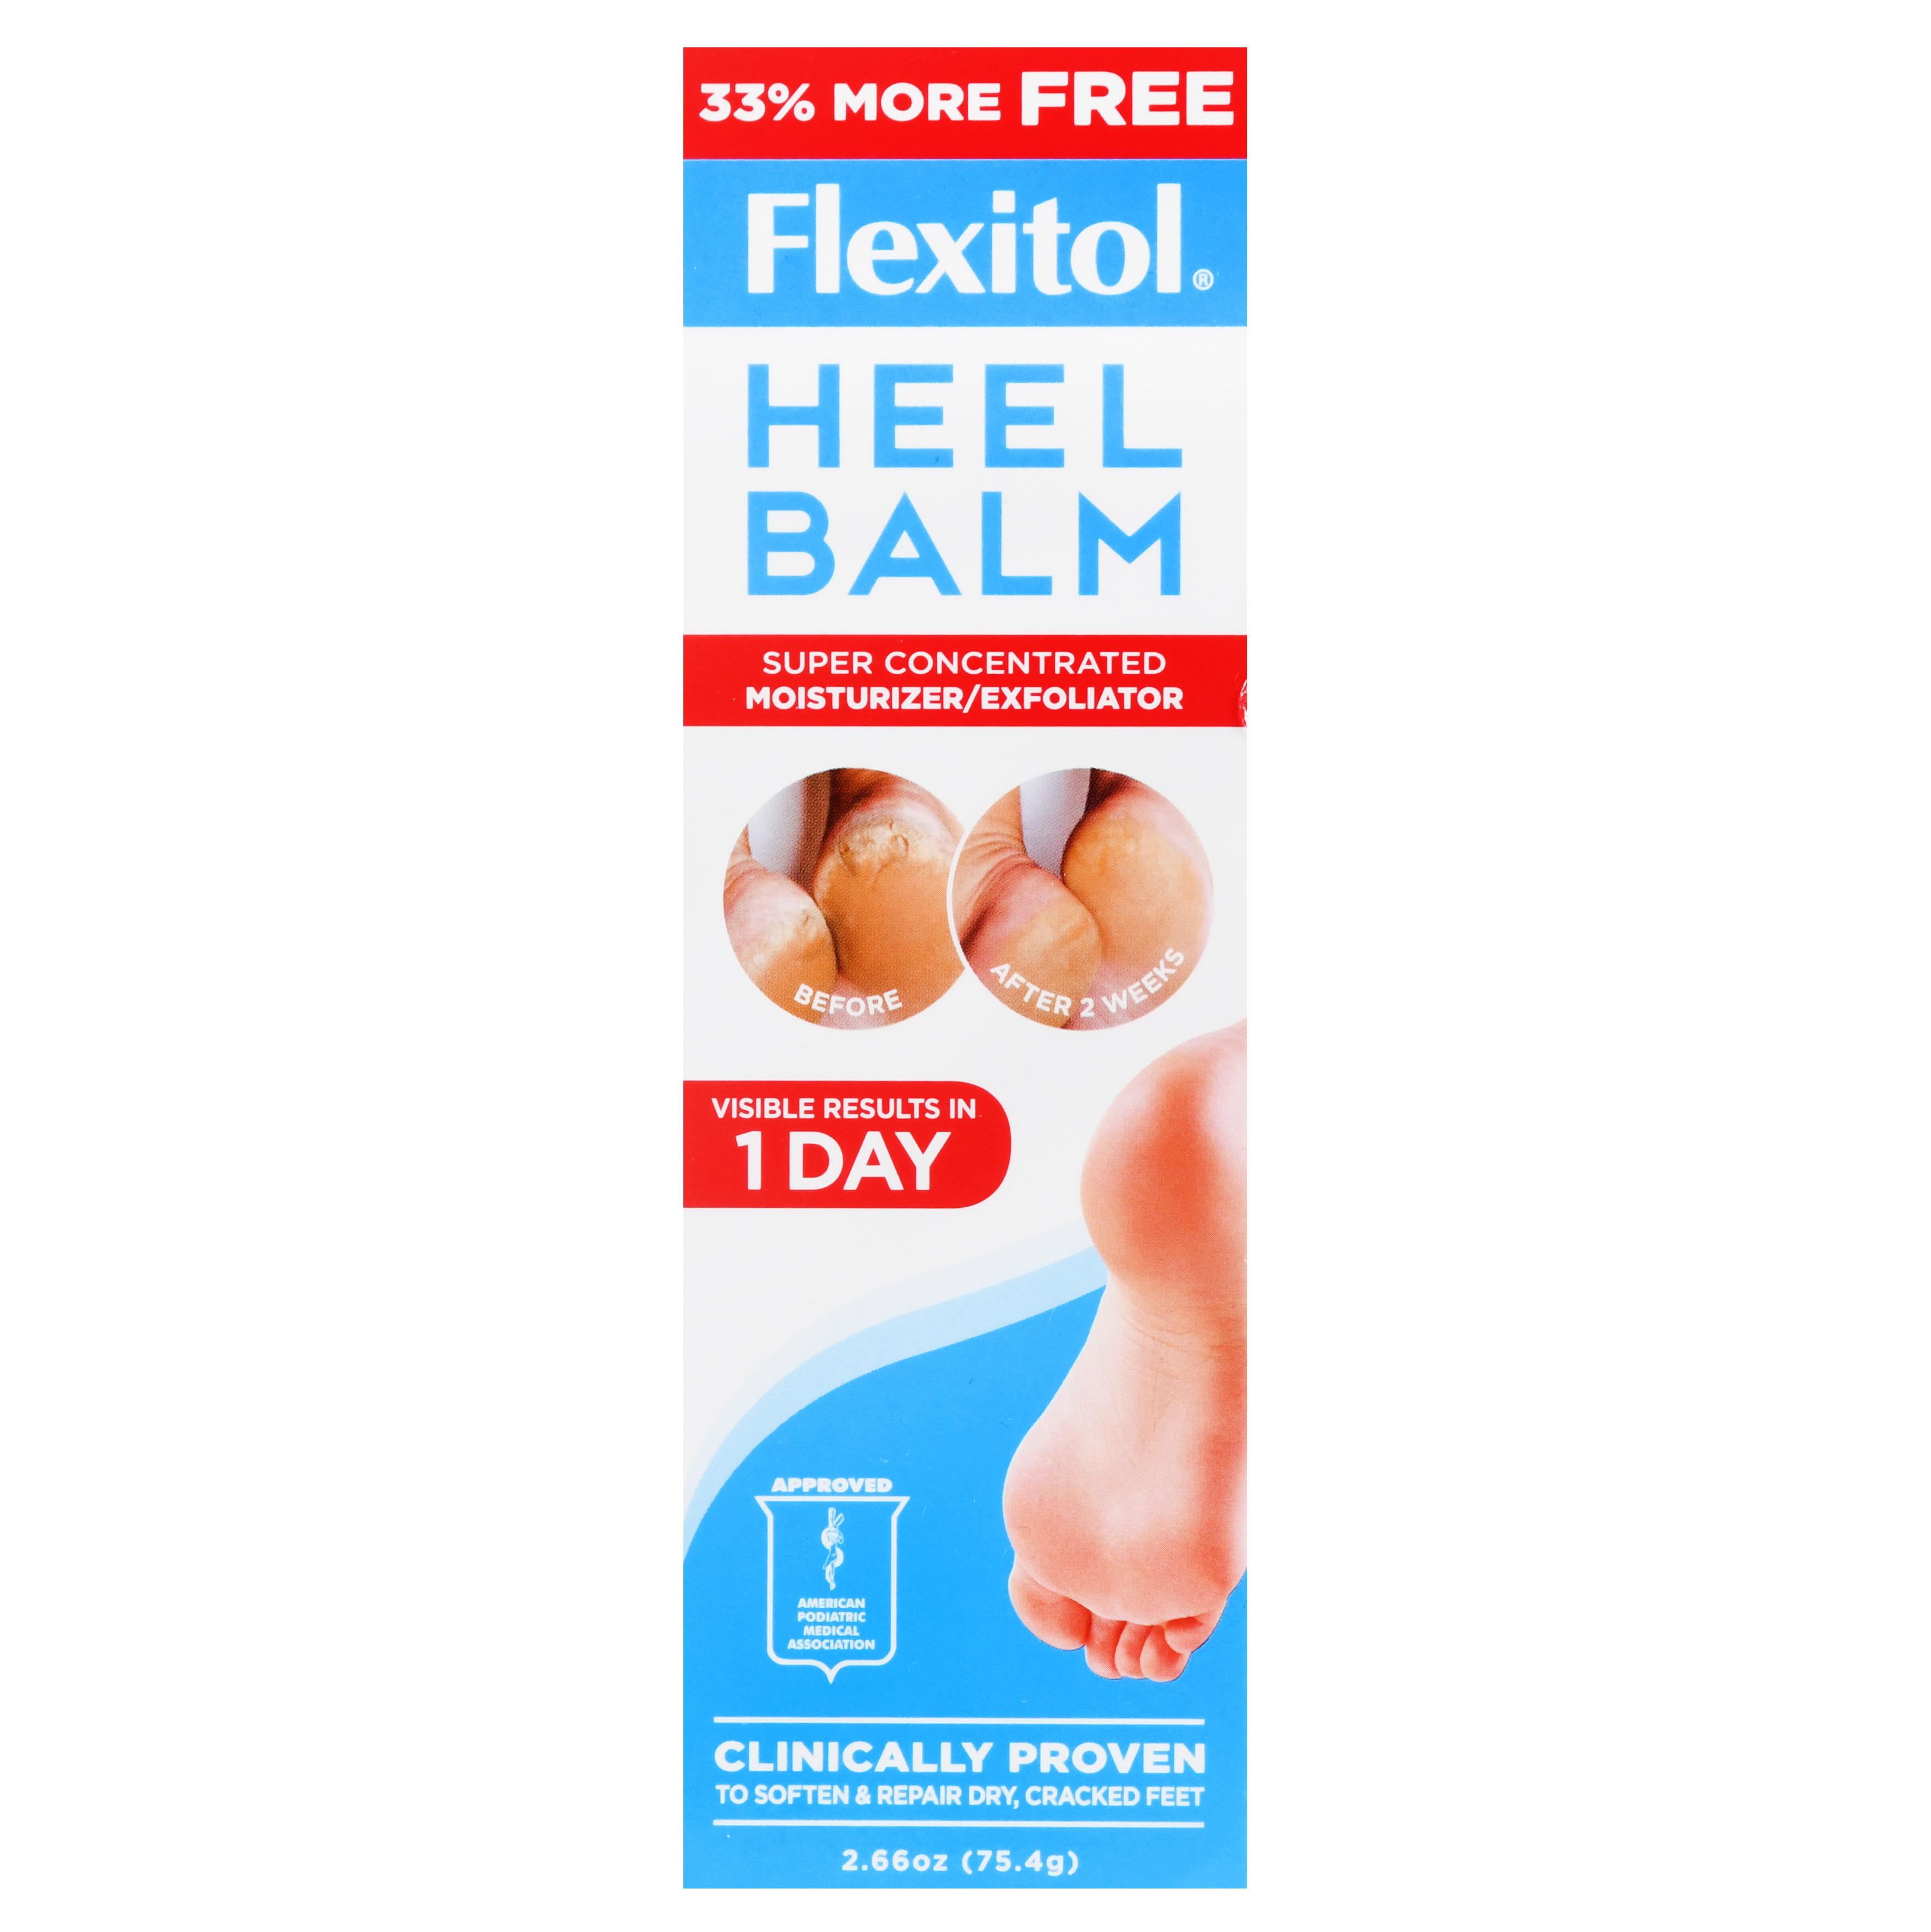 Flexitol Heel Balm, 2.0 OZ